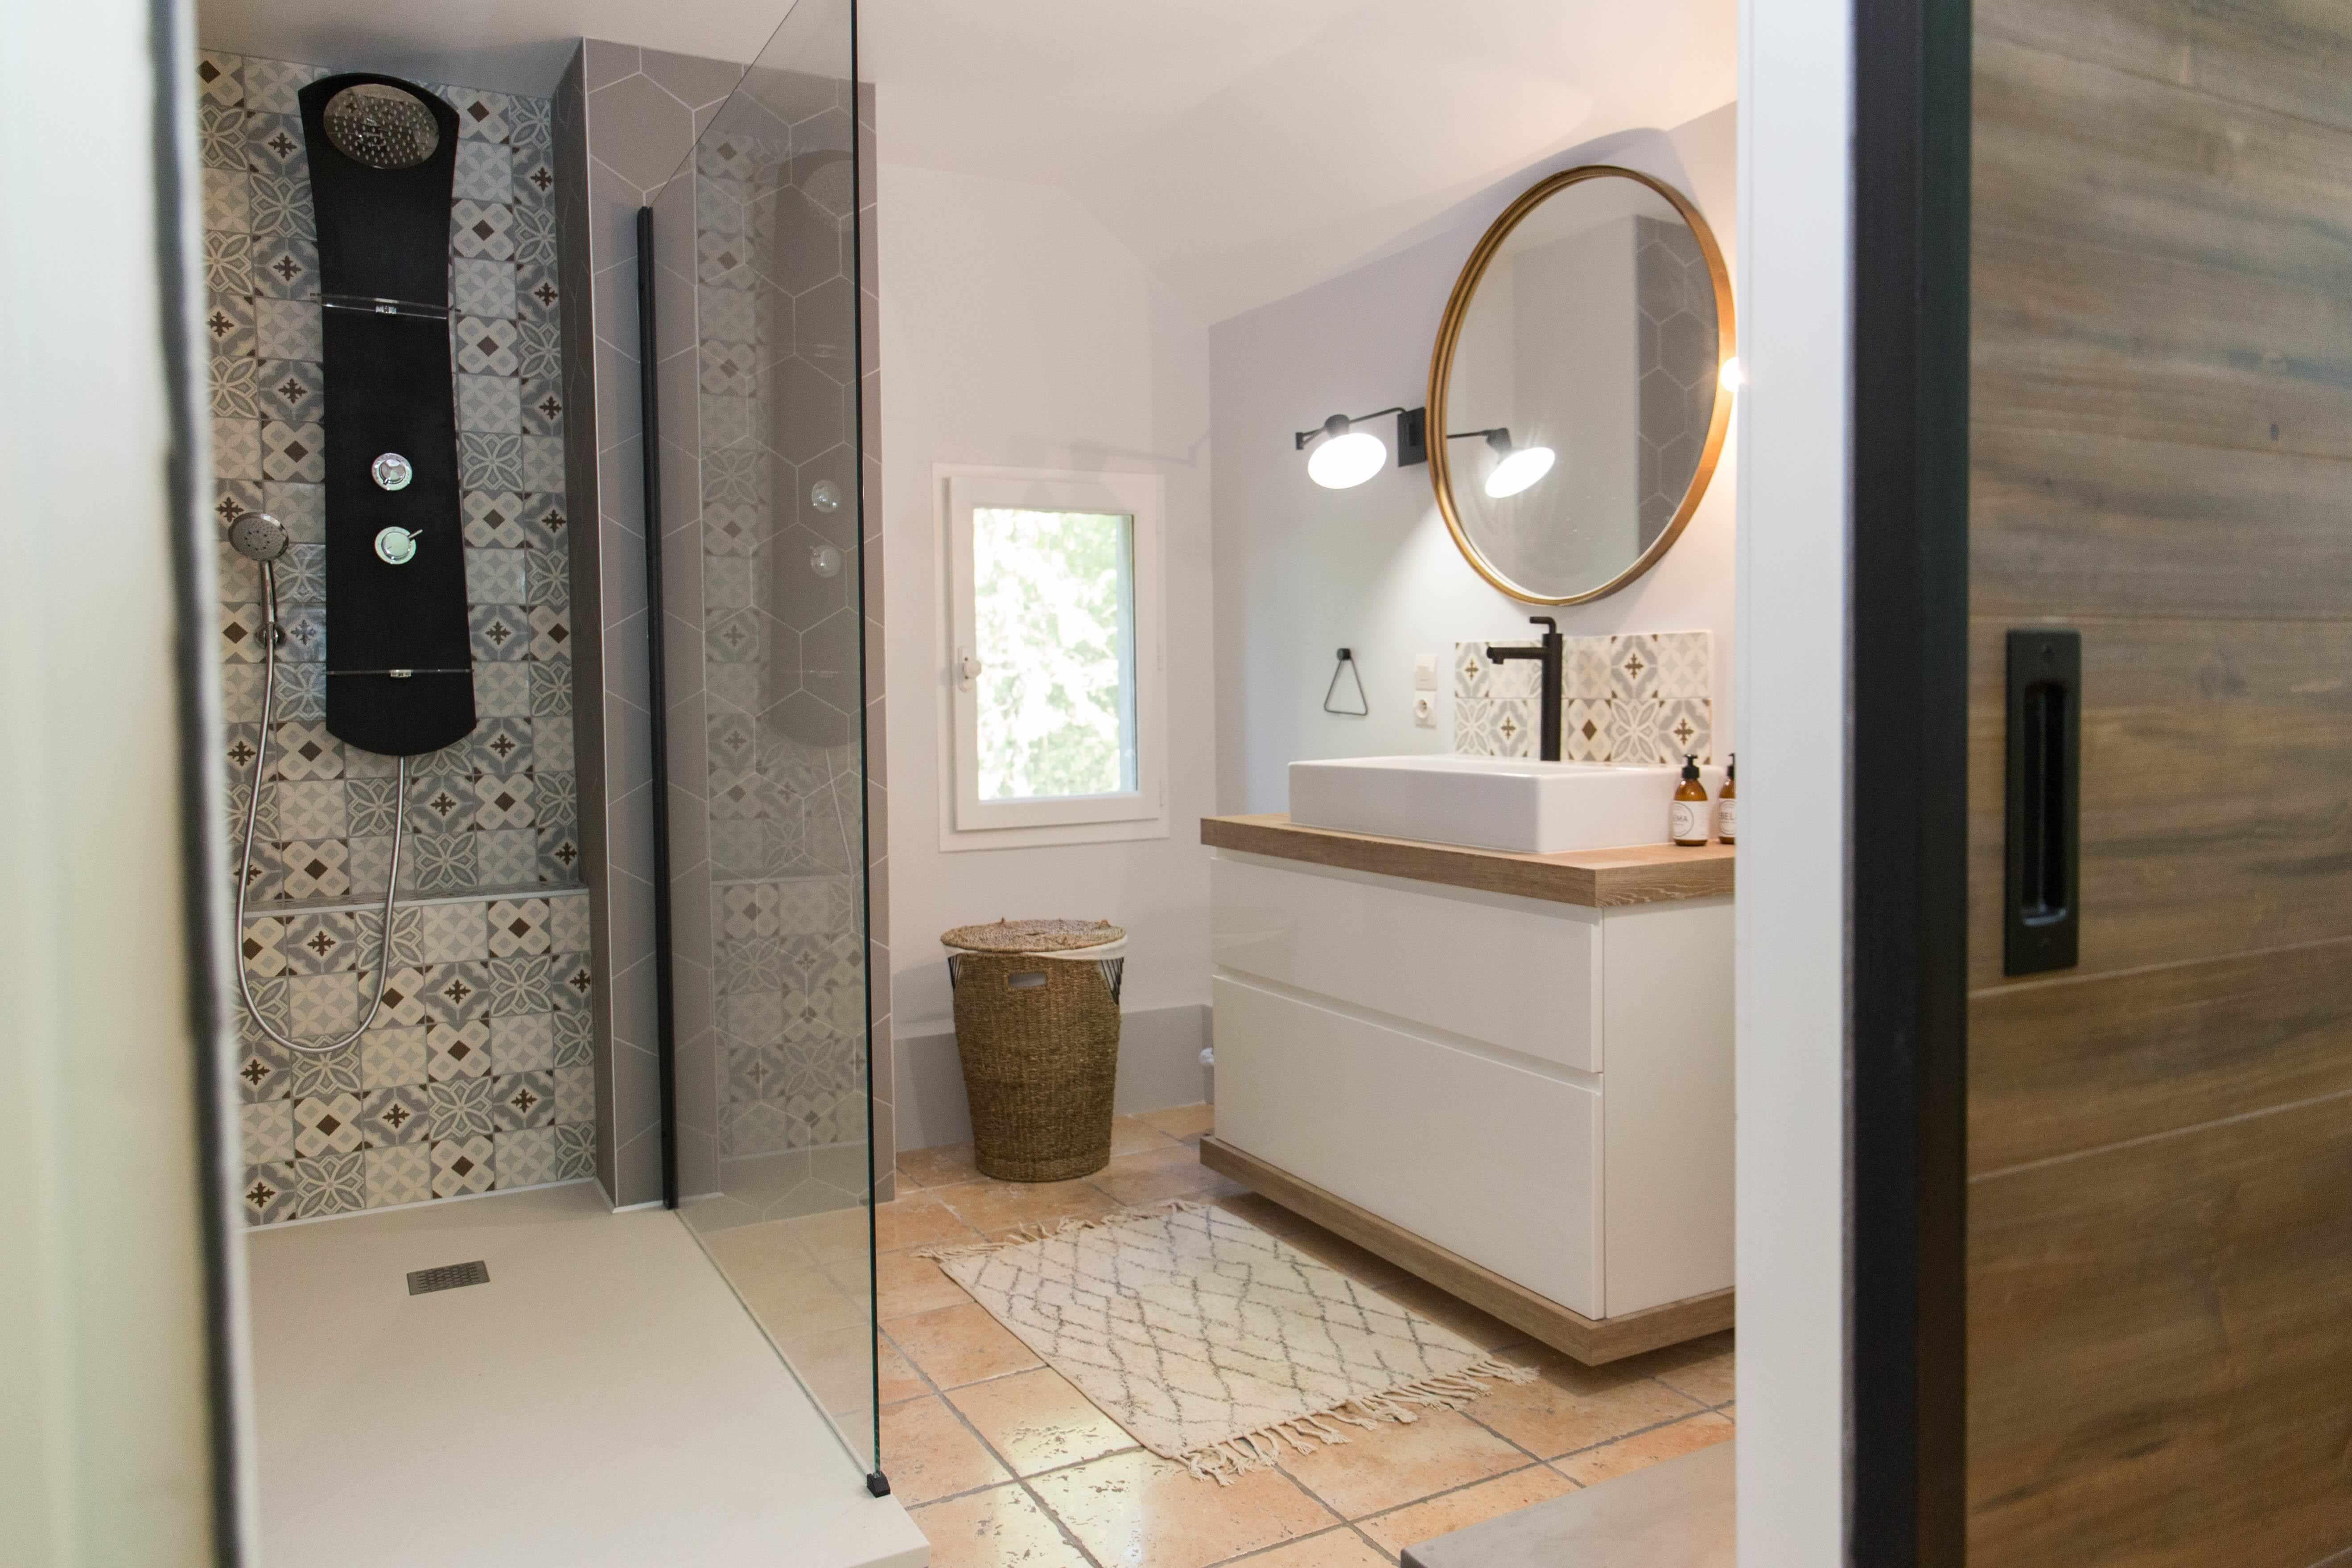 Deco Porte Salle De Bain la touche d'agathe | projet bonneuil rénovation de salle de bain